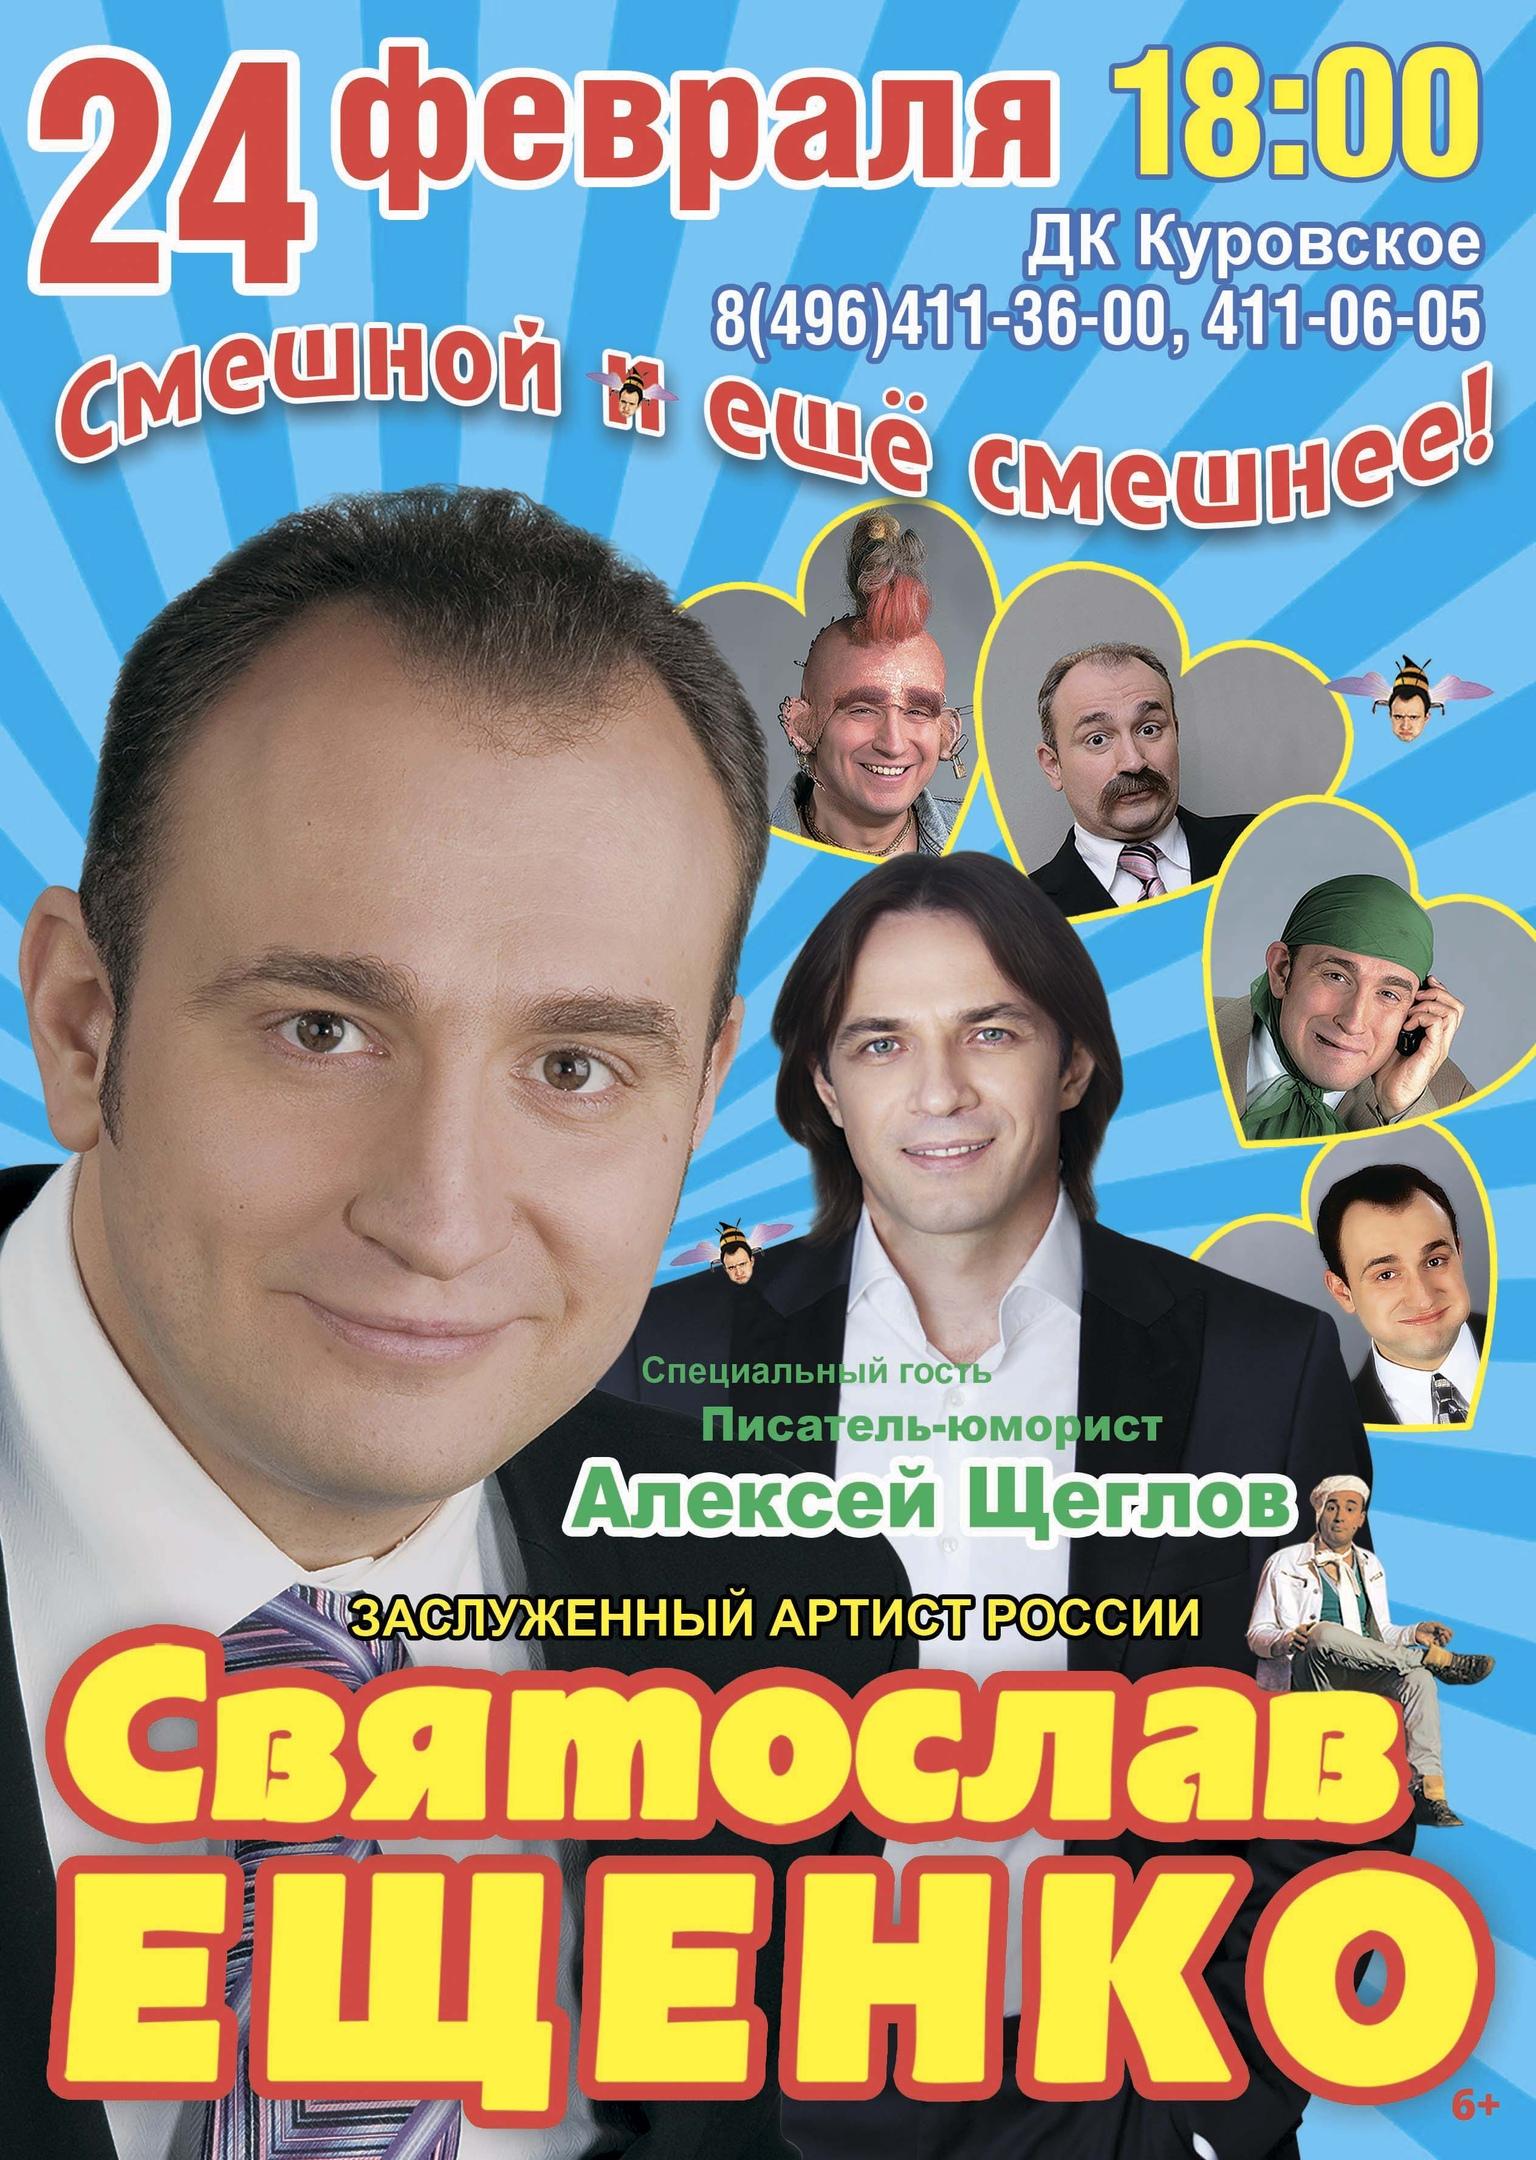 Концерты в куровском афиша билеты беларусь кино